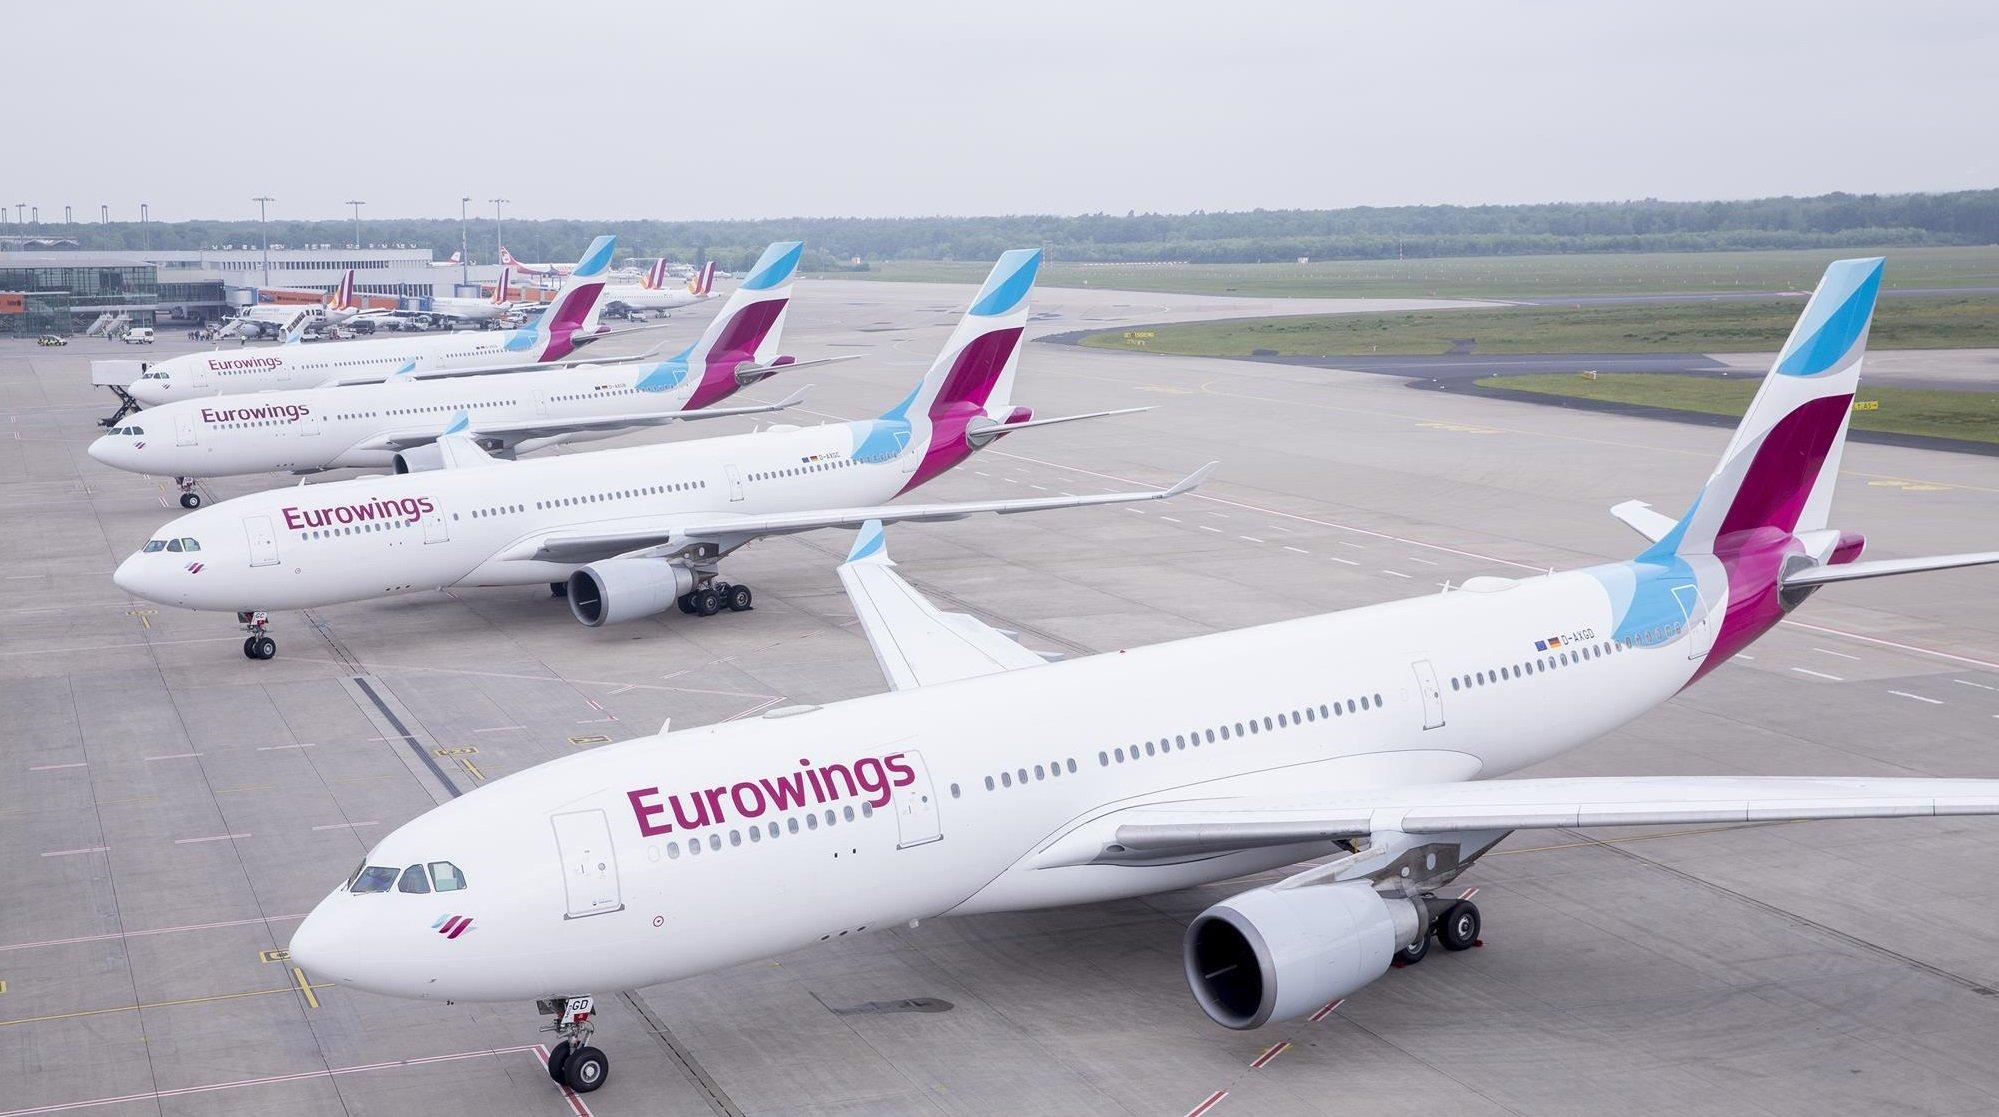 Німецький лоукостер Eurowings почав польоти в Україну